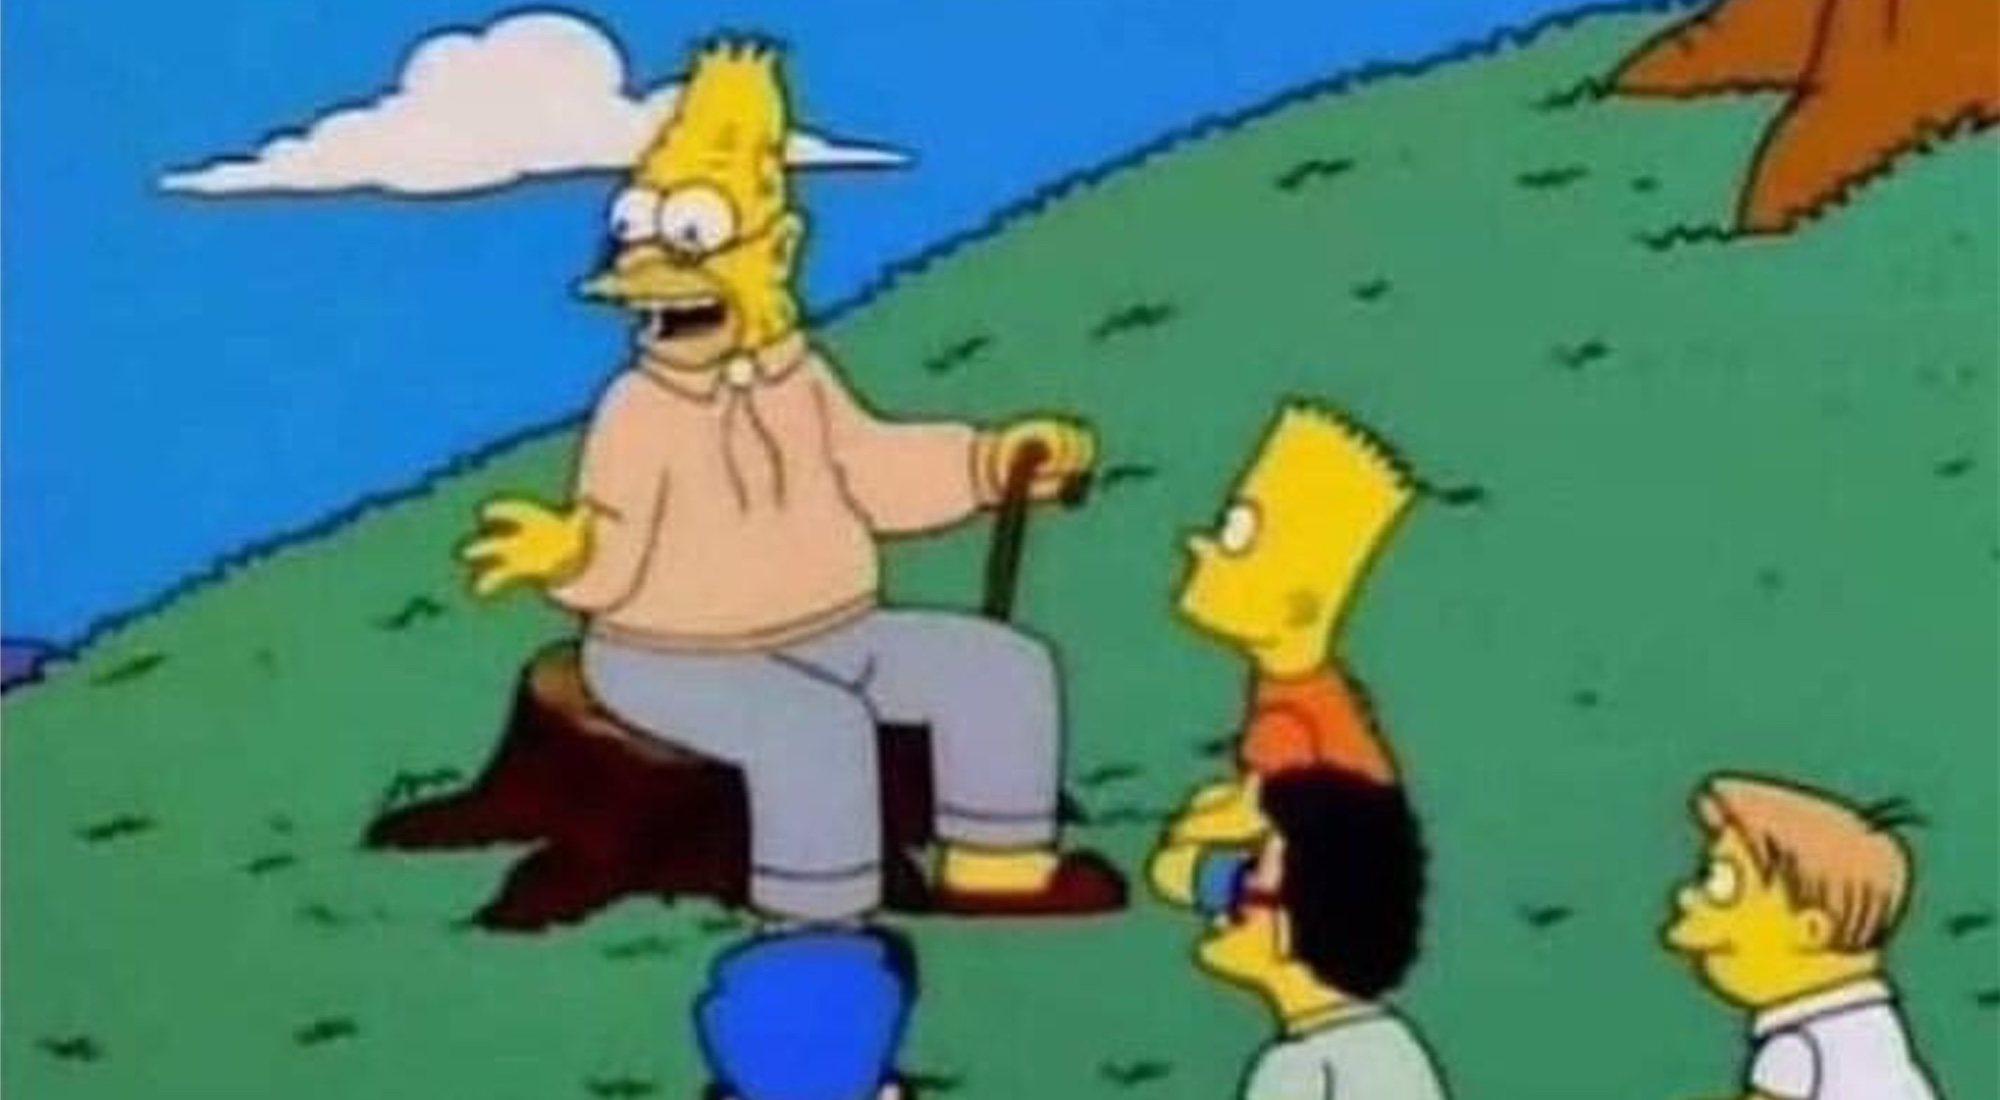 Los memes del abuelo Simpson nos recuerdan que ya somos como él